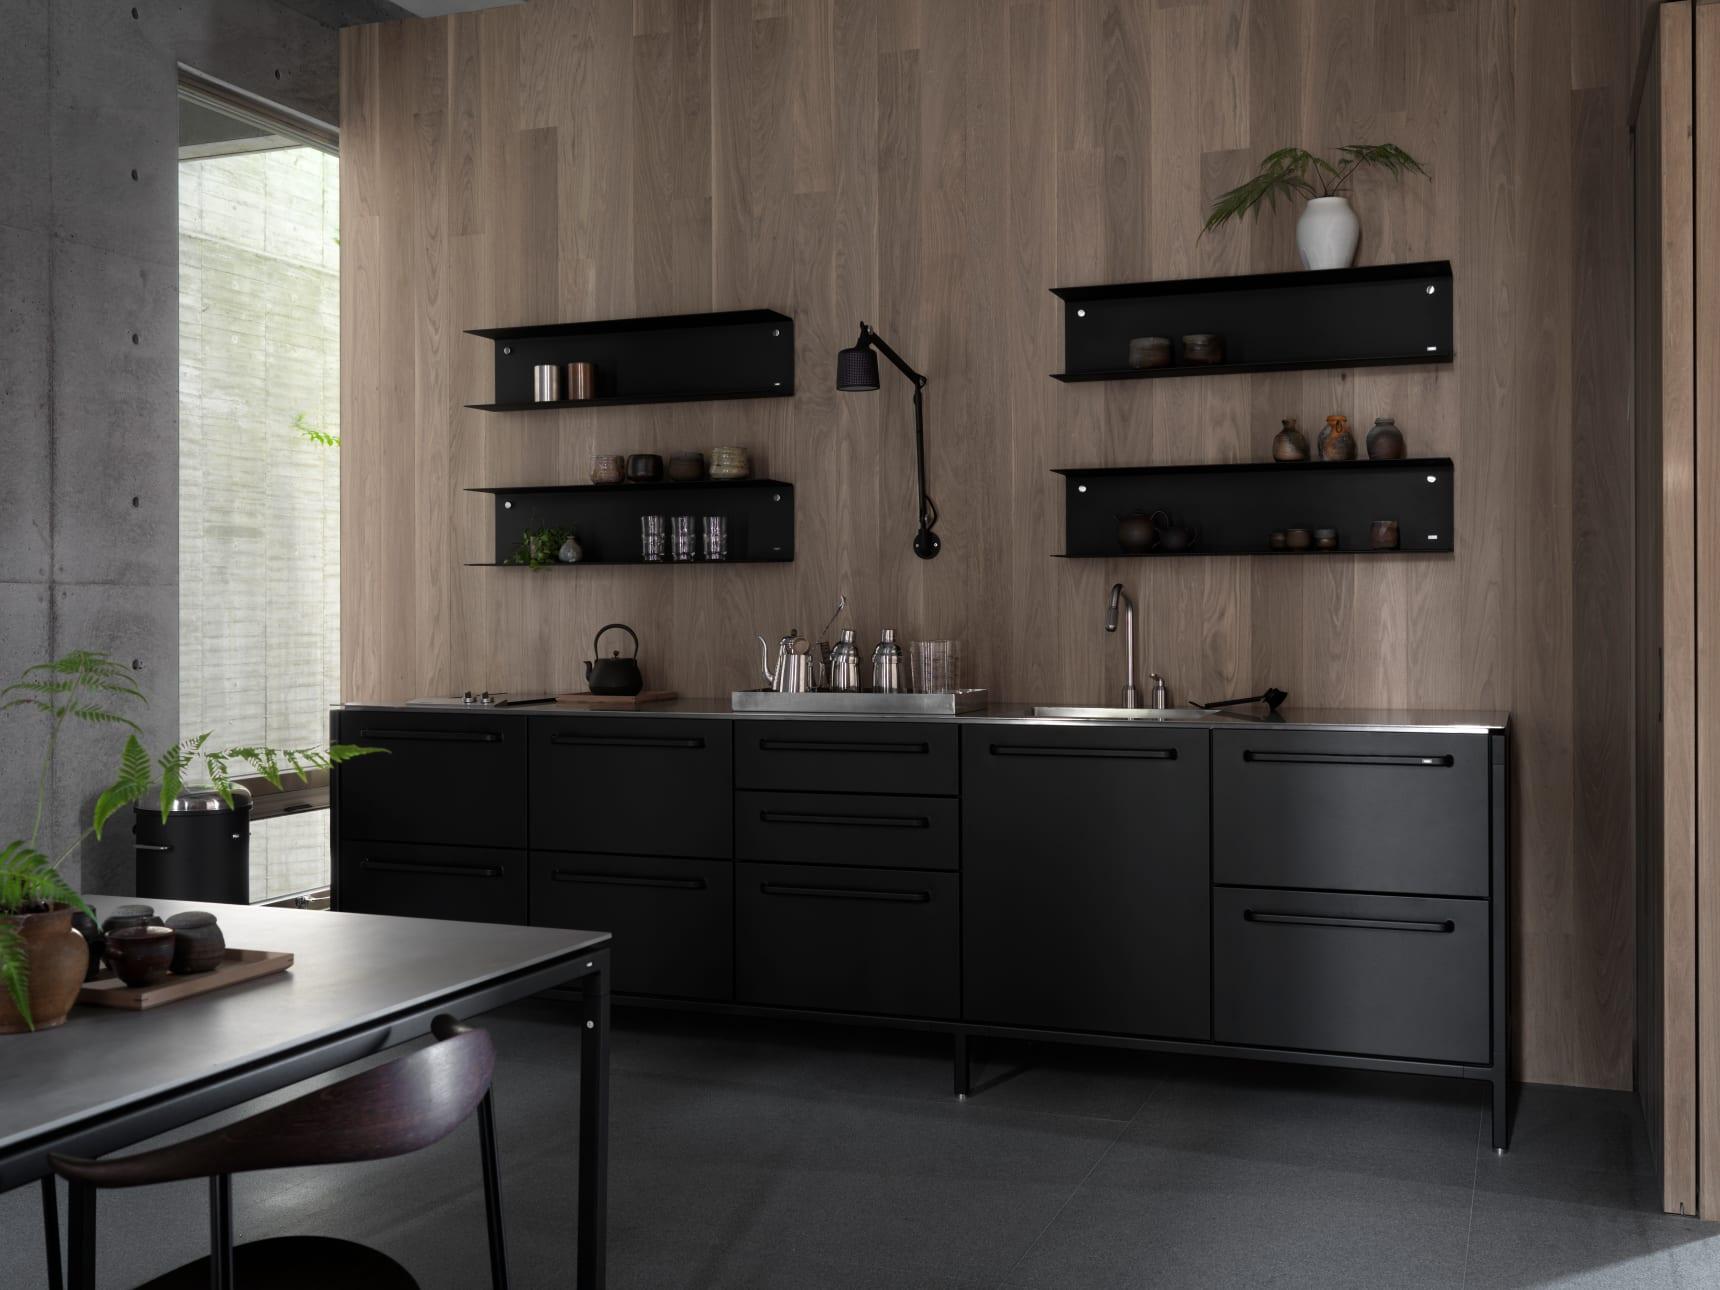 Küchen-Design Inspirationen: So könnte Deine nächste Küche aussehen 2